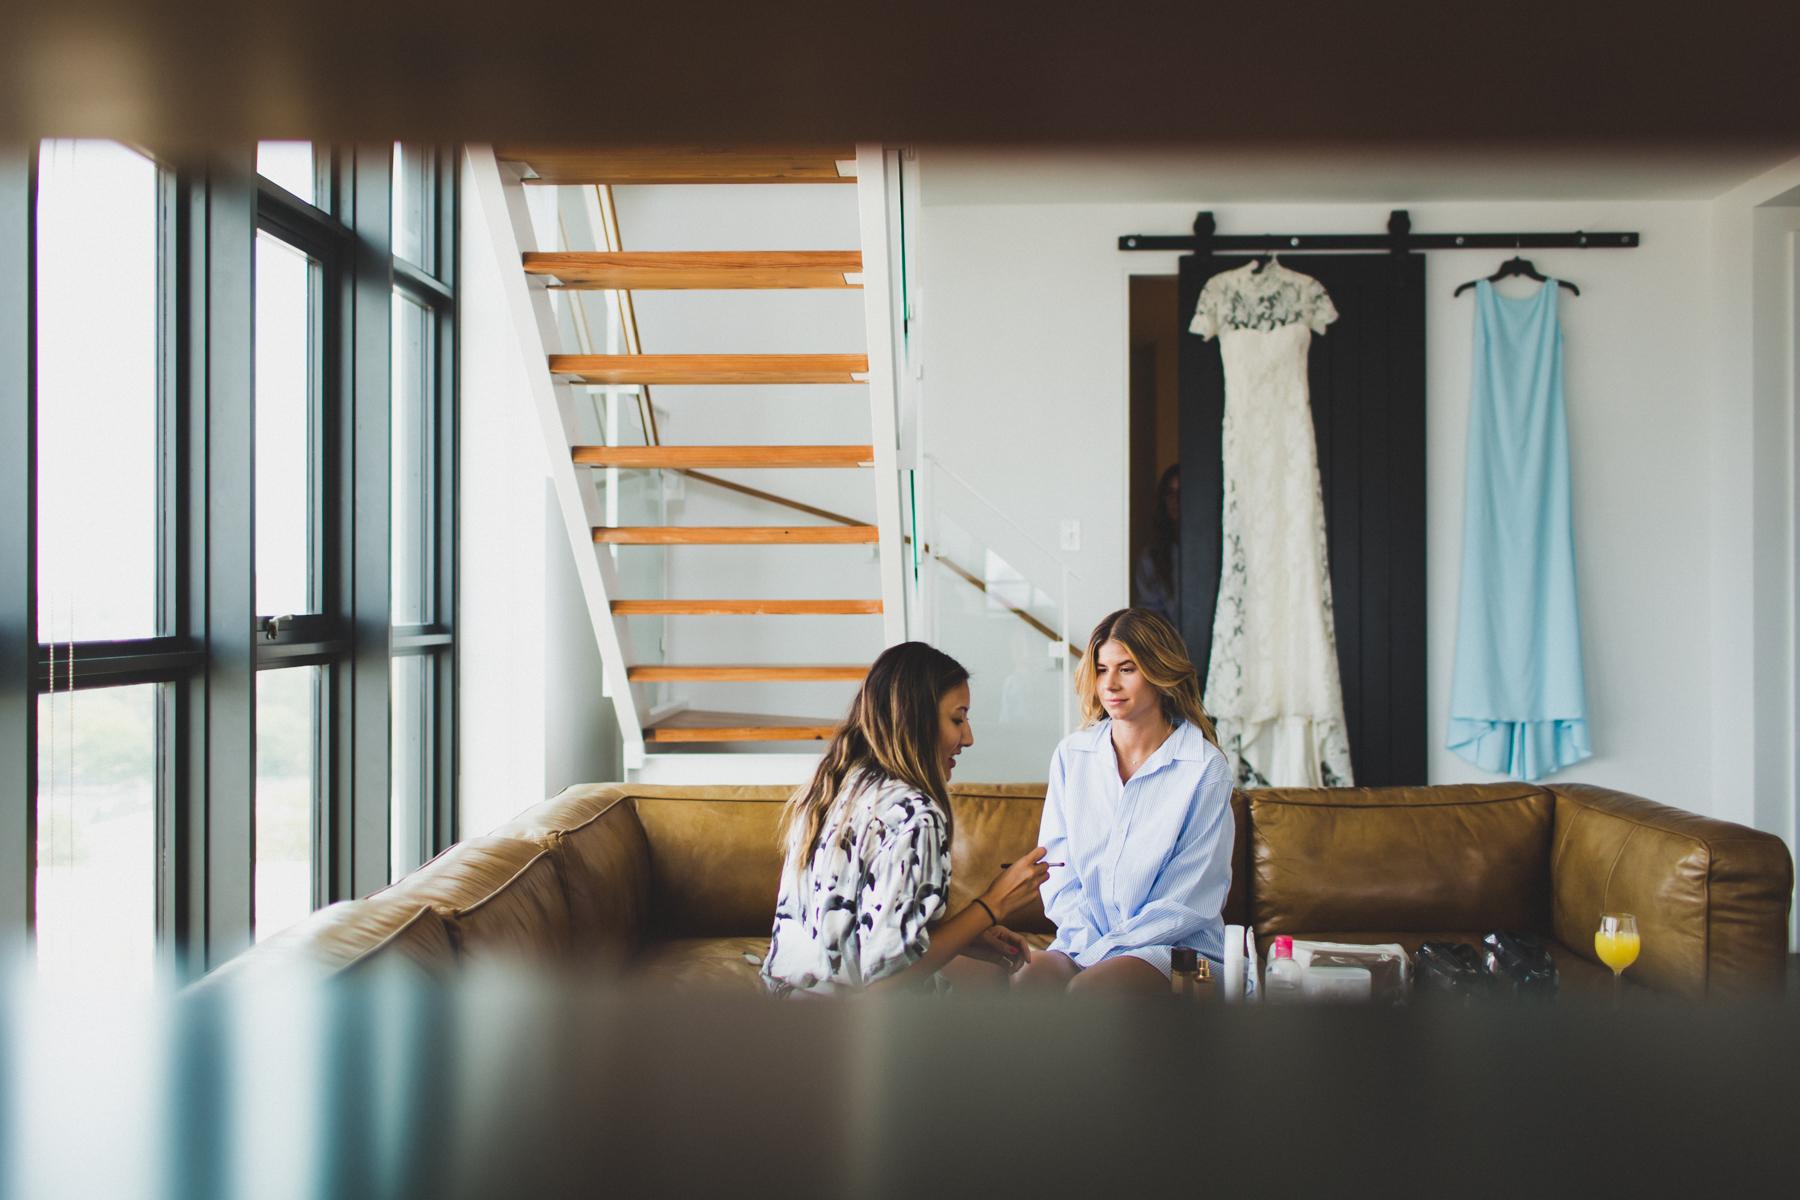 Wythe-Hotel-Green-Building-Brooklyn-Documentary-Wedding-Photography-11.jpg